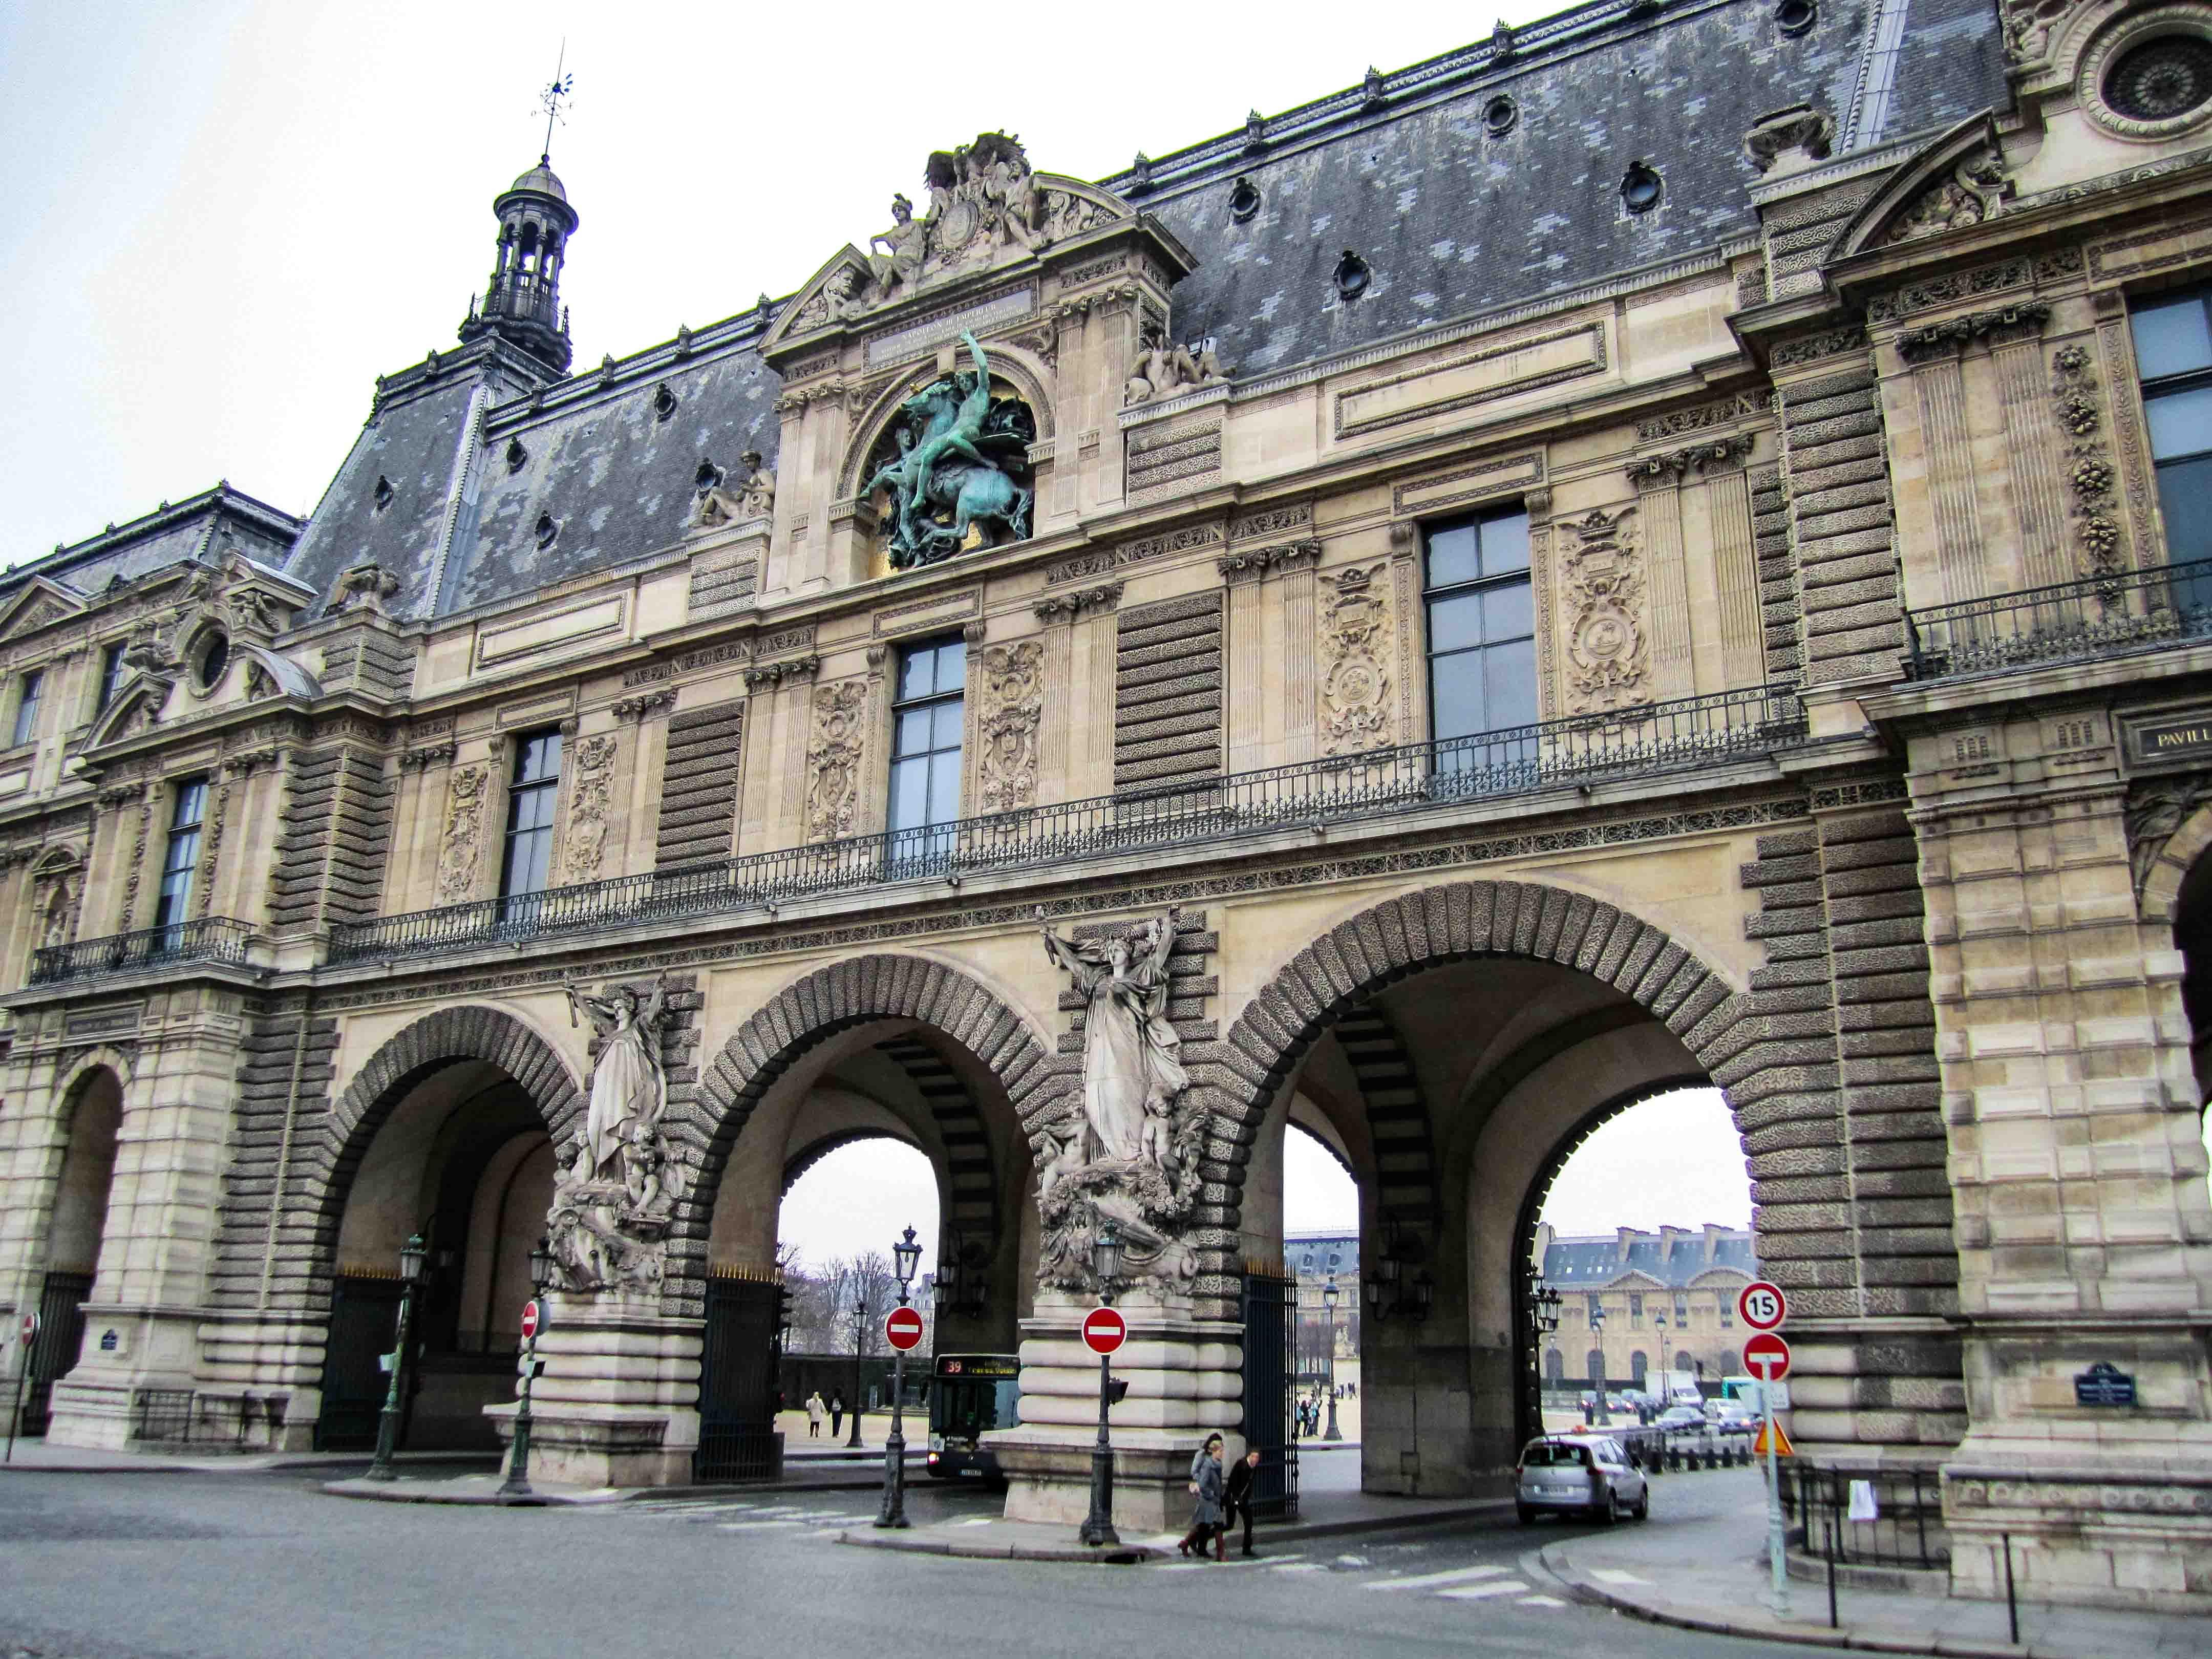 【フランス旅行】パリ ルーブル宮殿の門をくぐる